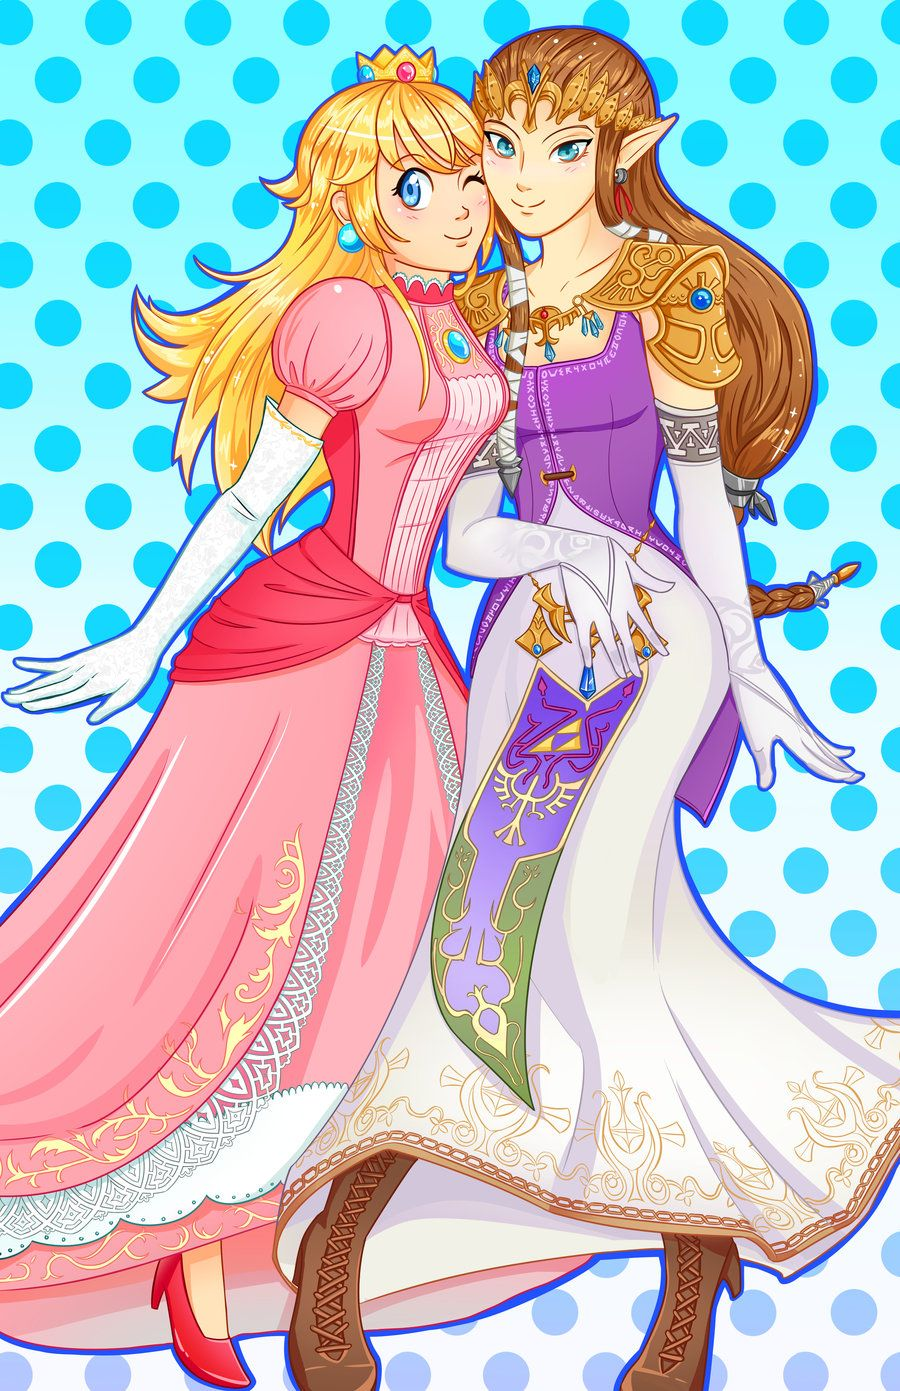 Image result for kisshonoka.deviantart.com/art/Princess